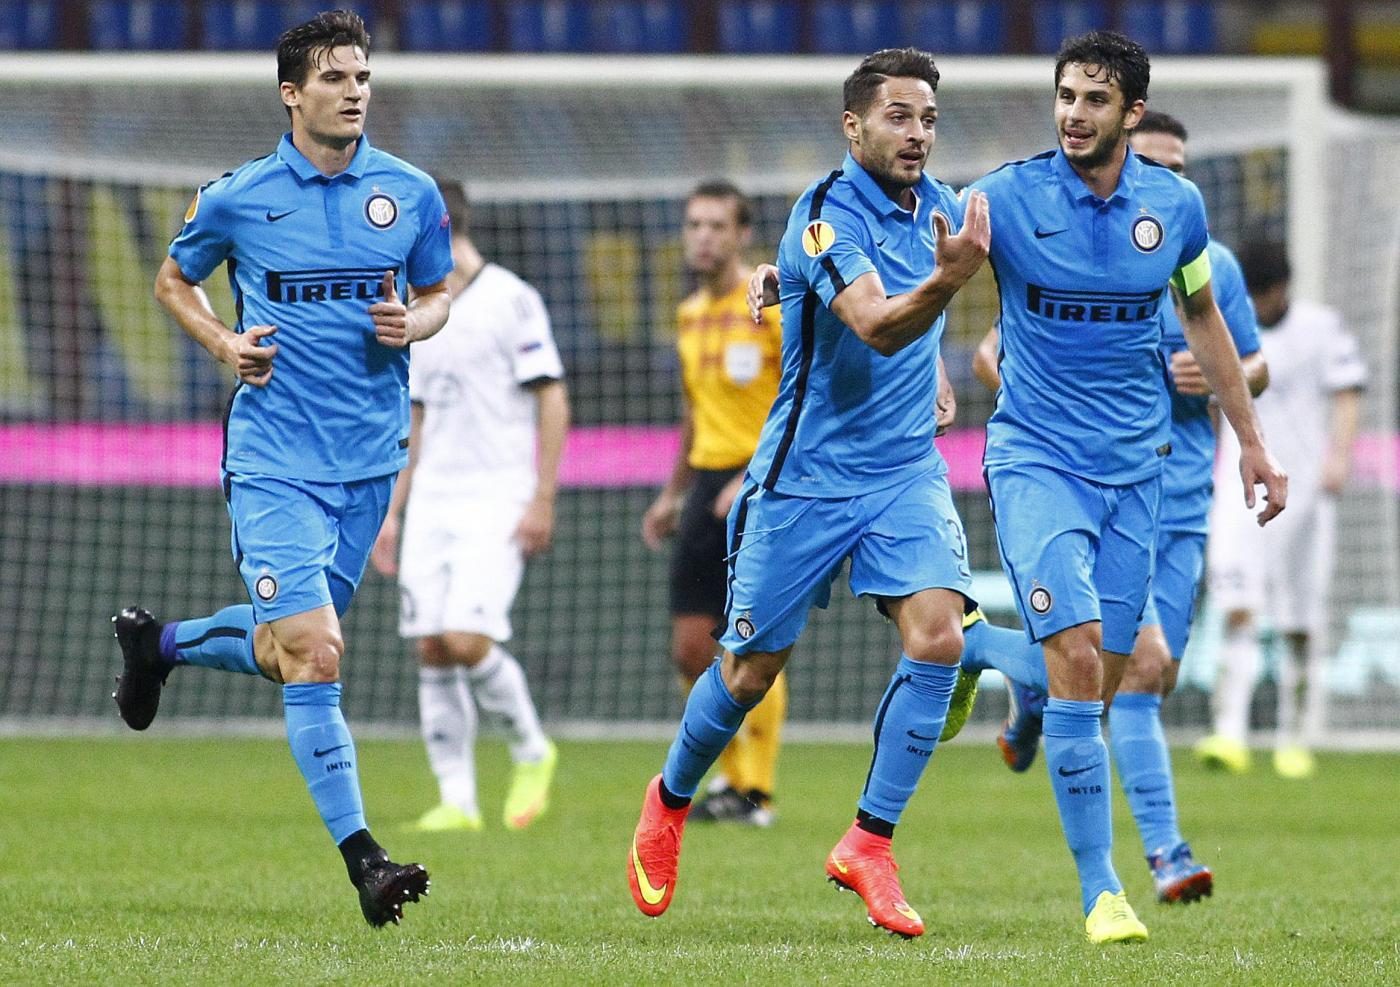 Inter vs Qarabağ 2-0: D'Ambrosio e Icardi sbrigano la pratica